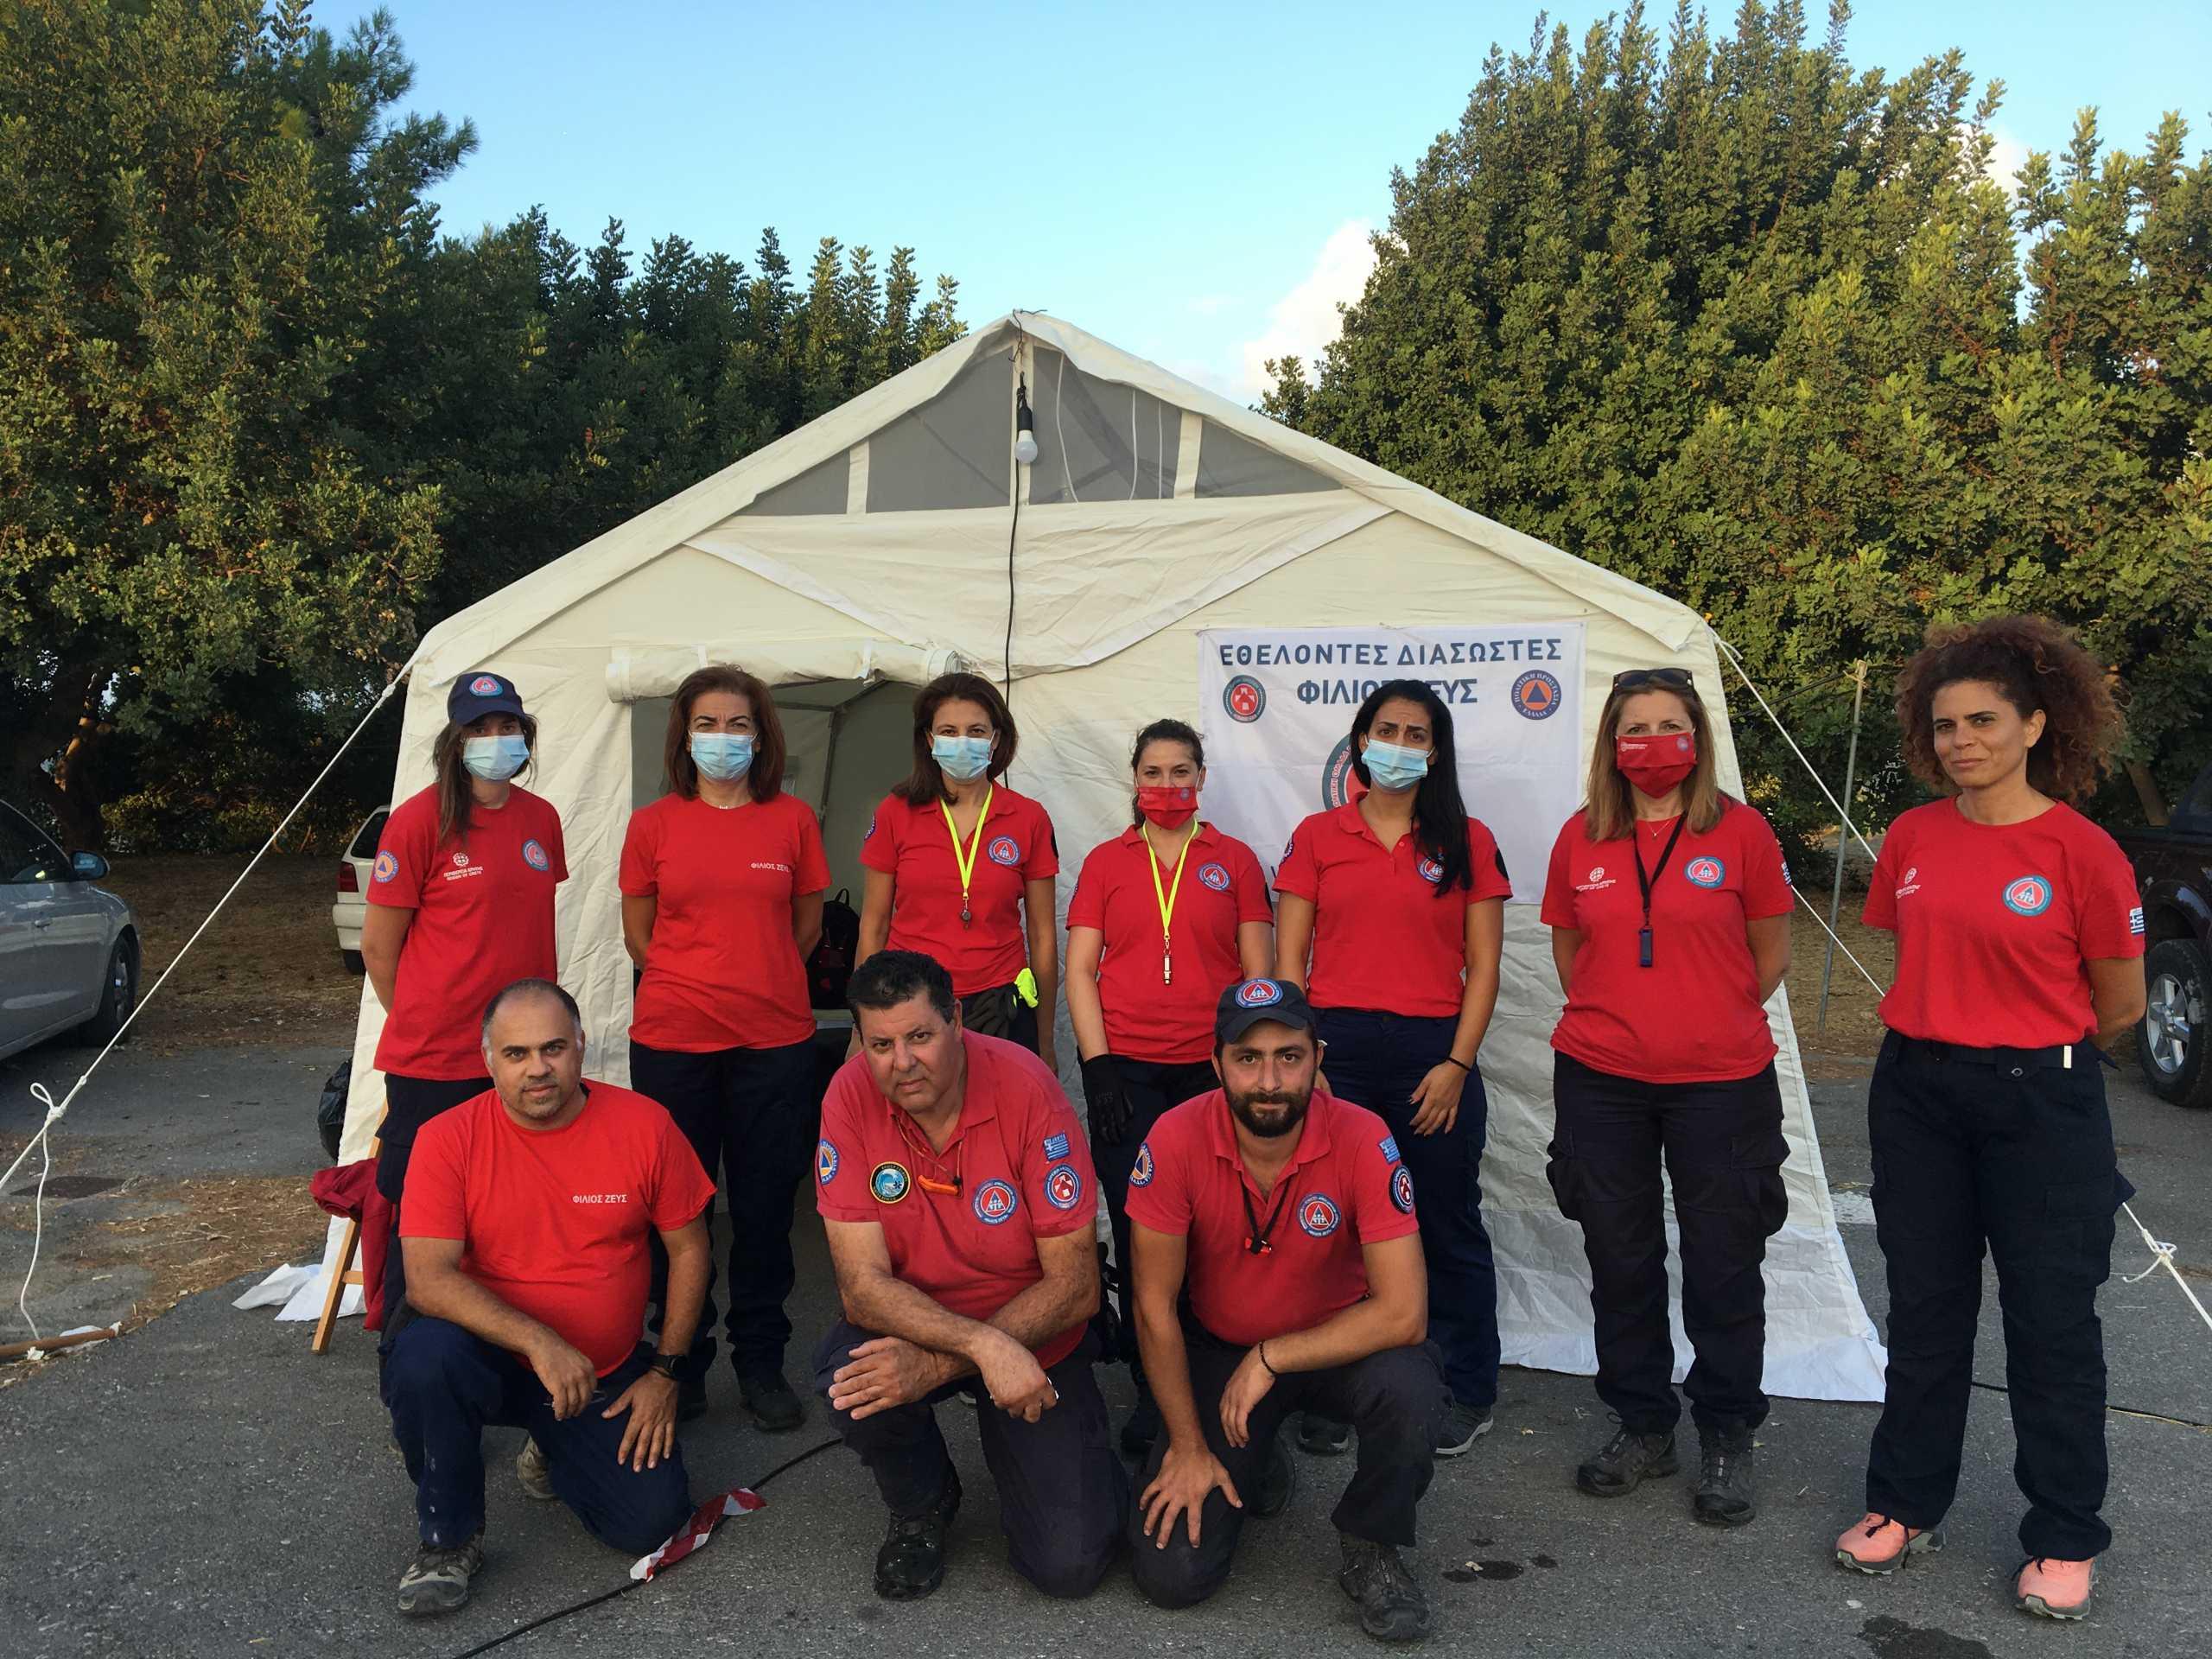 Σεισμός στην Κρήτη: Γνωρίστε την ομάδα εθελοντών που βρίσκεται δίπλα στους σεισμοπαθείς